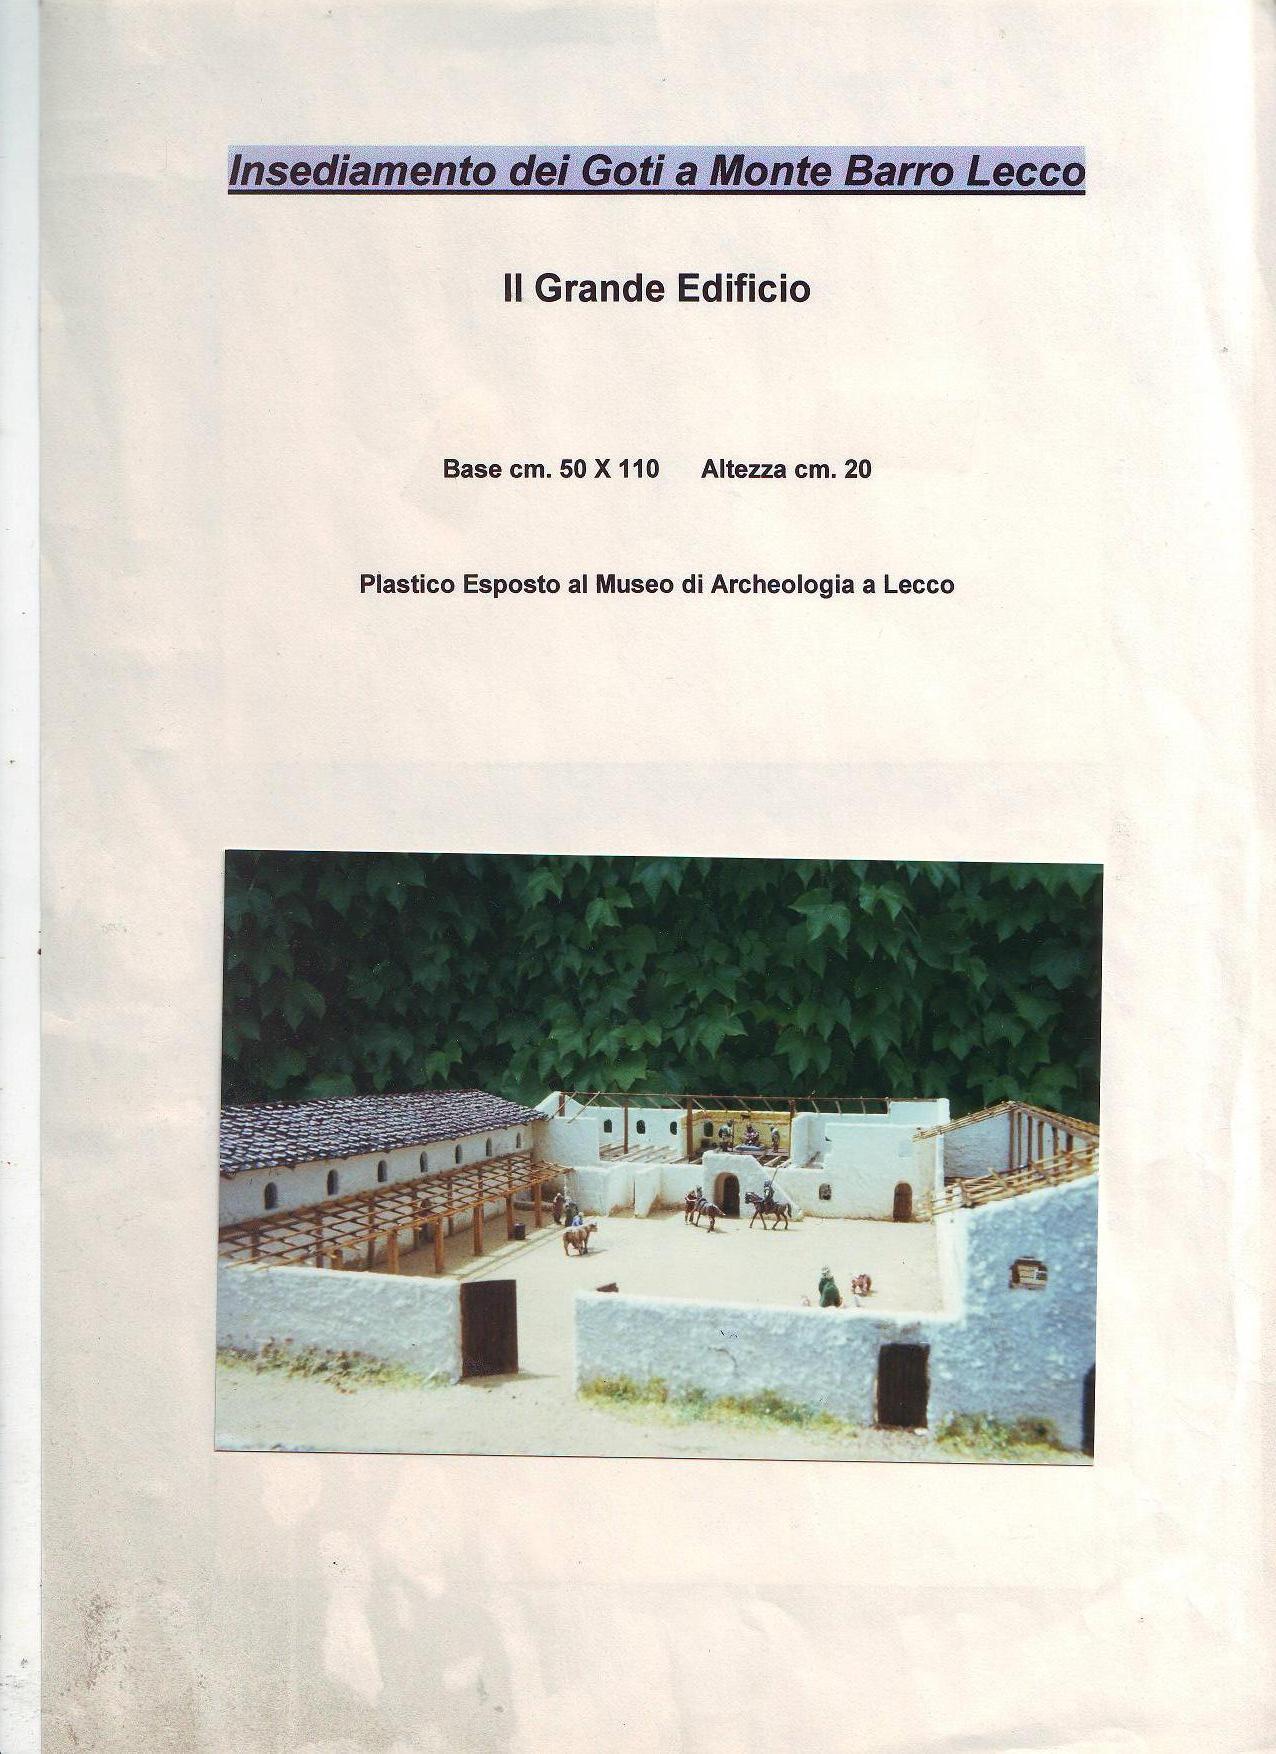 Insediamento dei Goti a Monte Barro